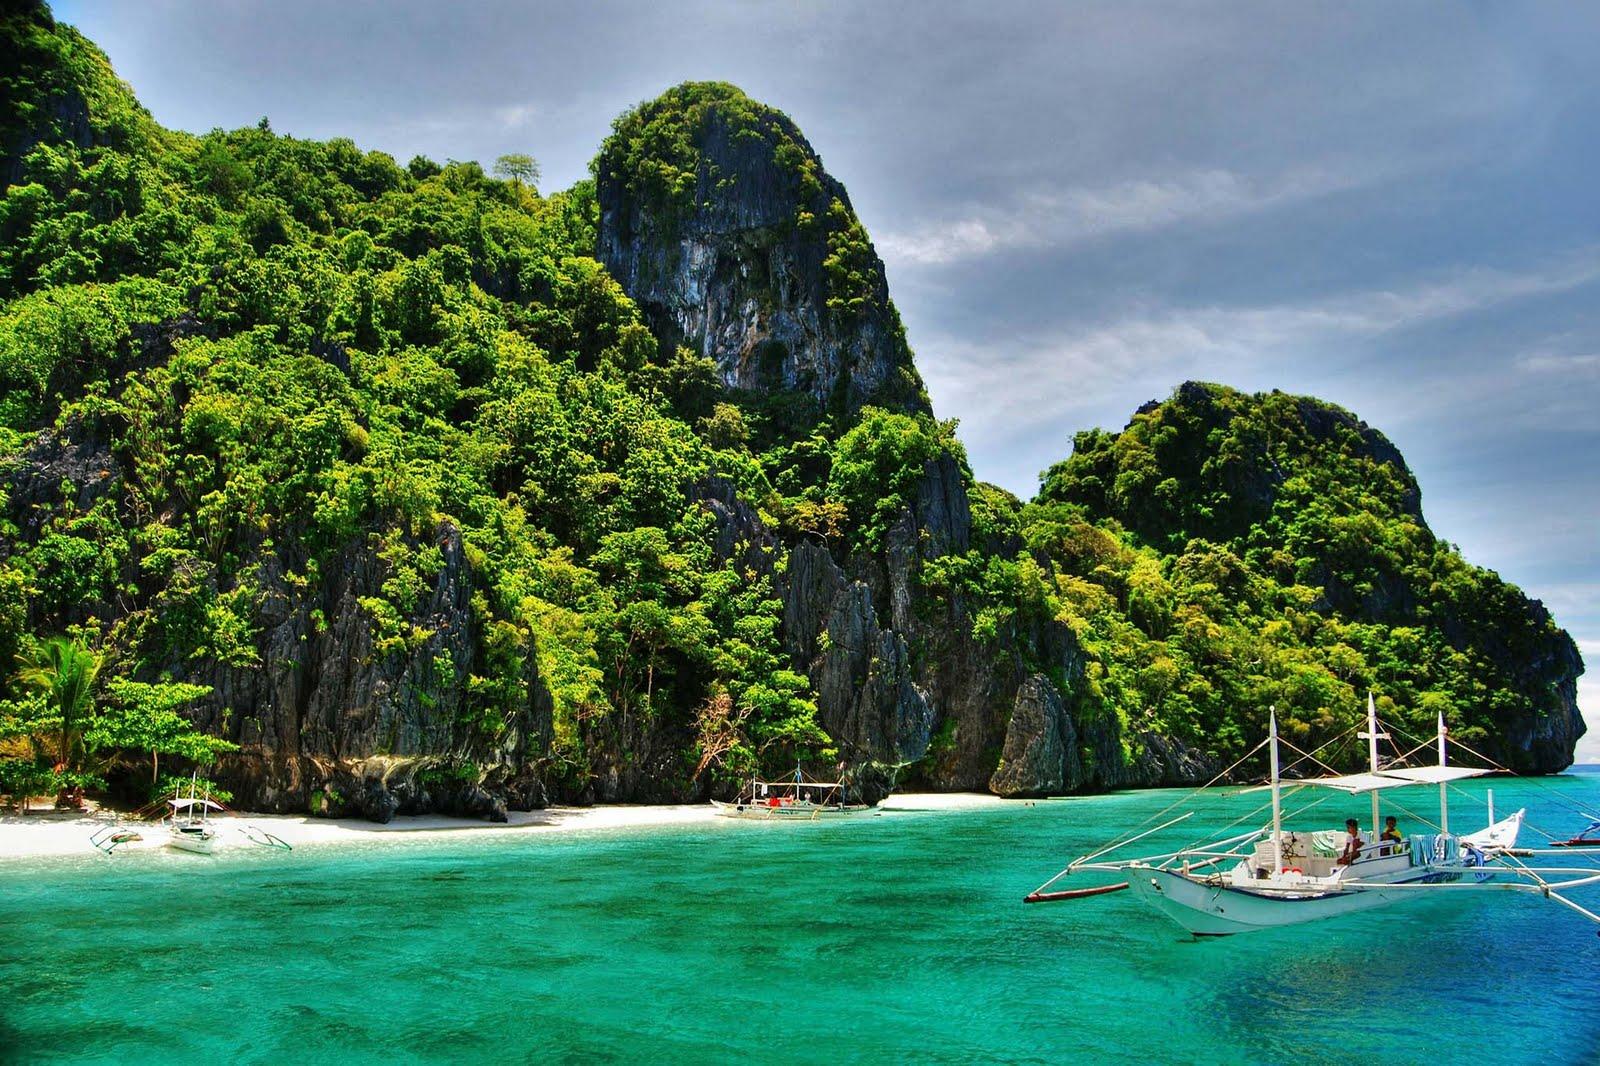 Картинки филиппины острова